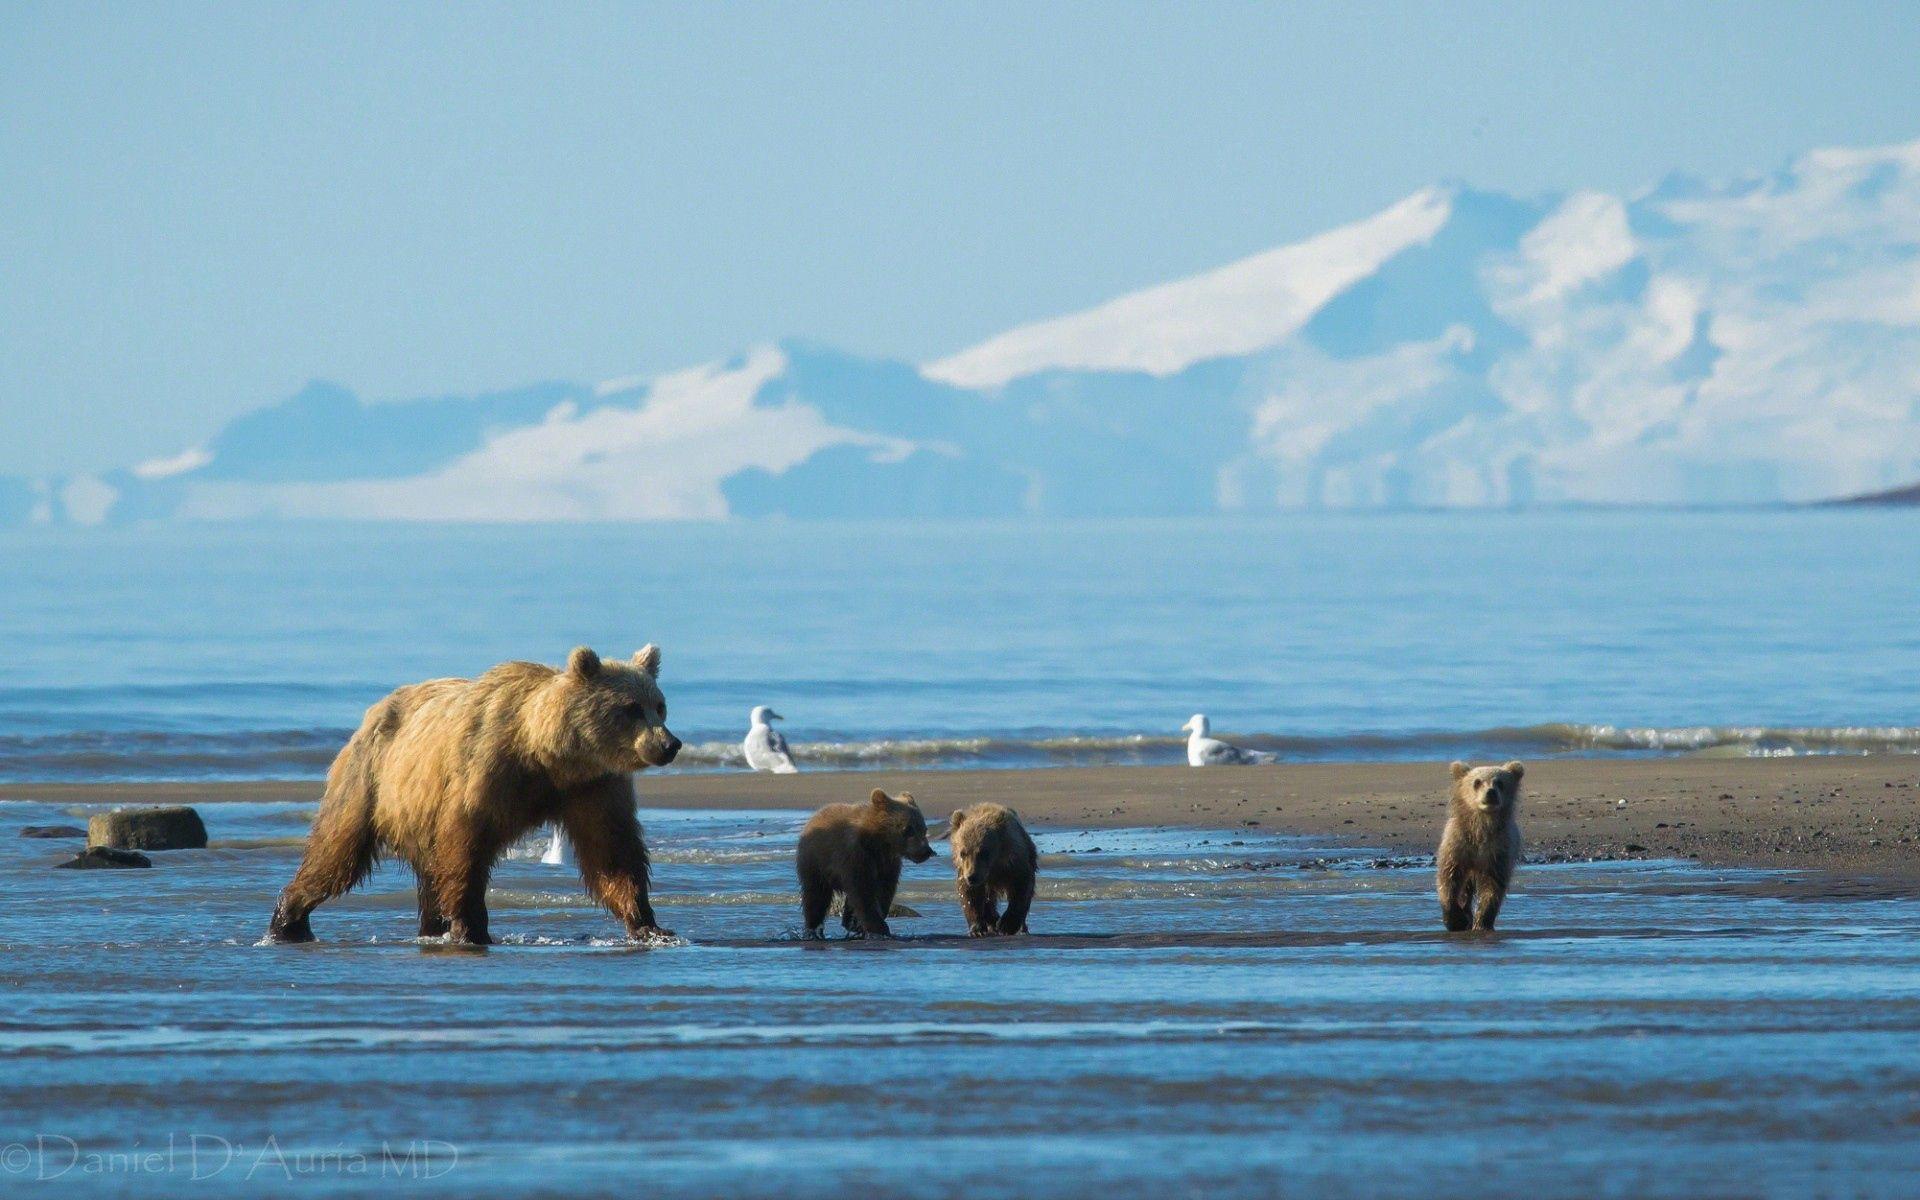 113667 Заставки и Обои Медведи на телефон. Скачать Медведи, Животные, Вода, Горы, Снег картинки бесплатно